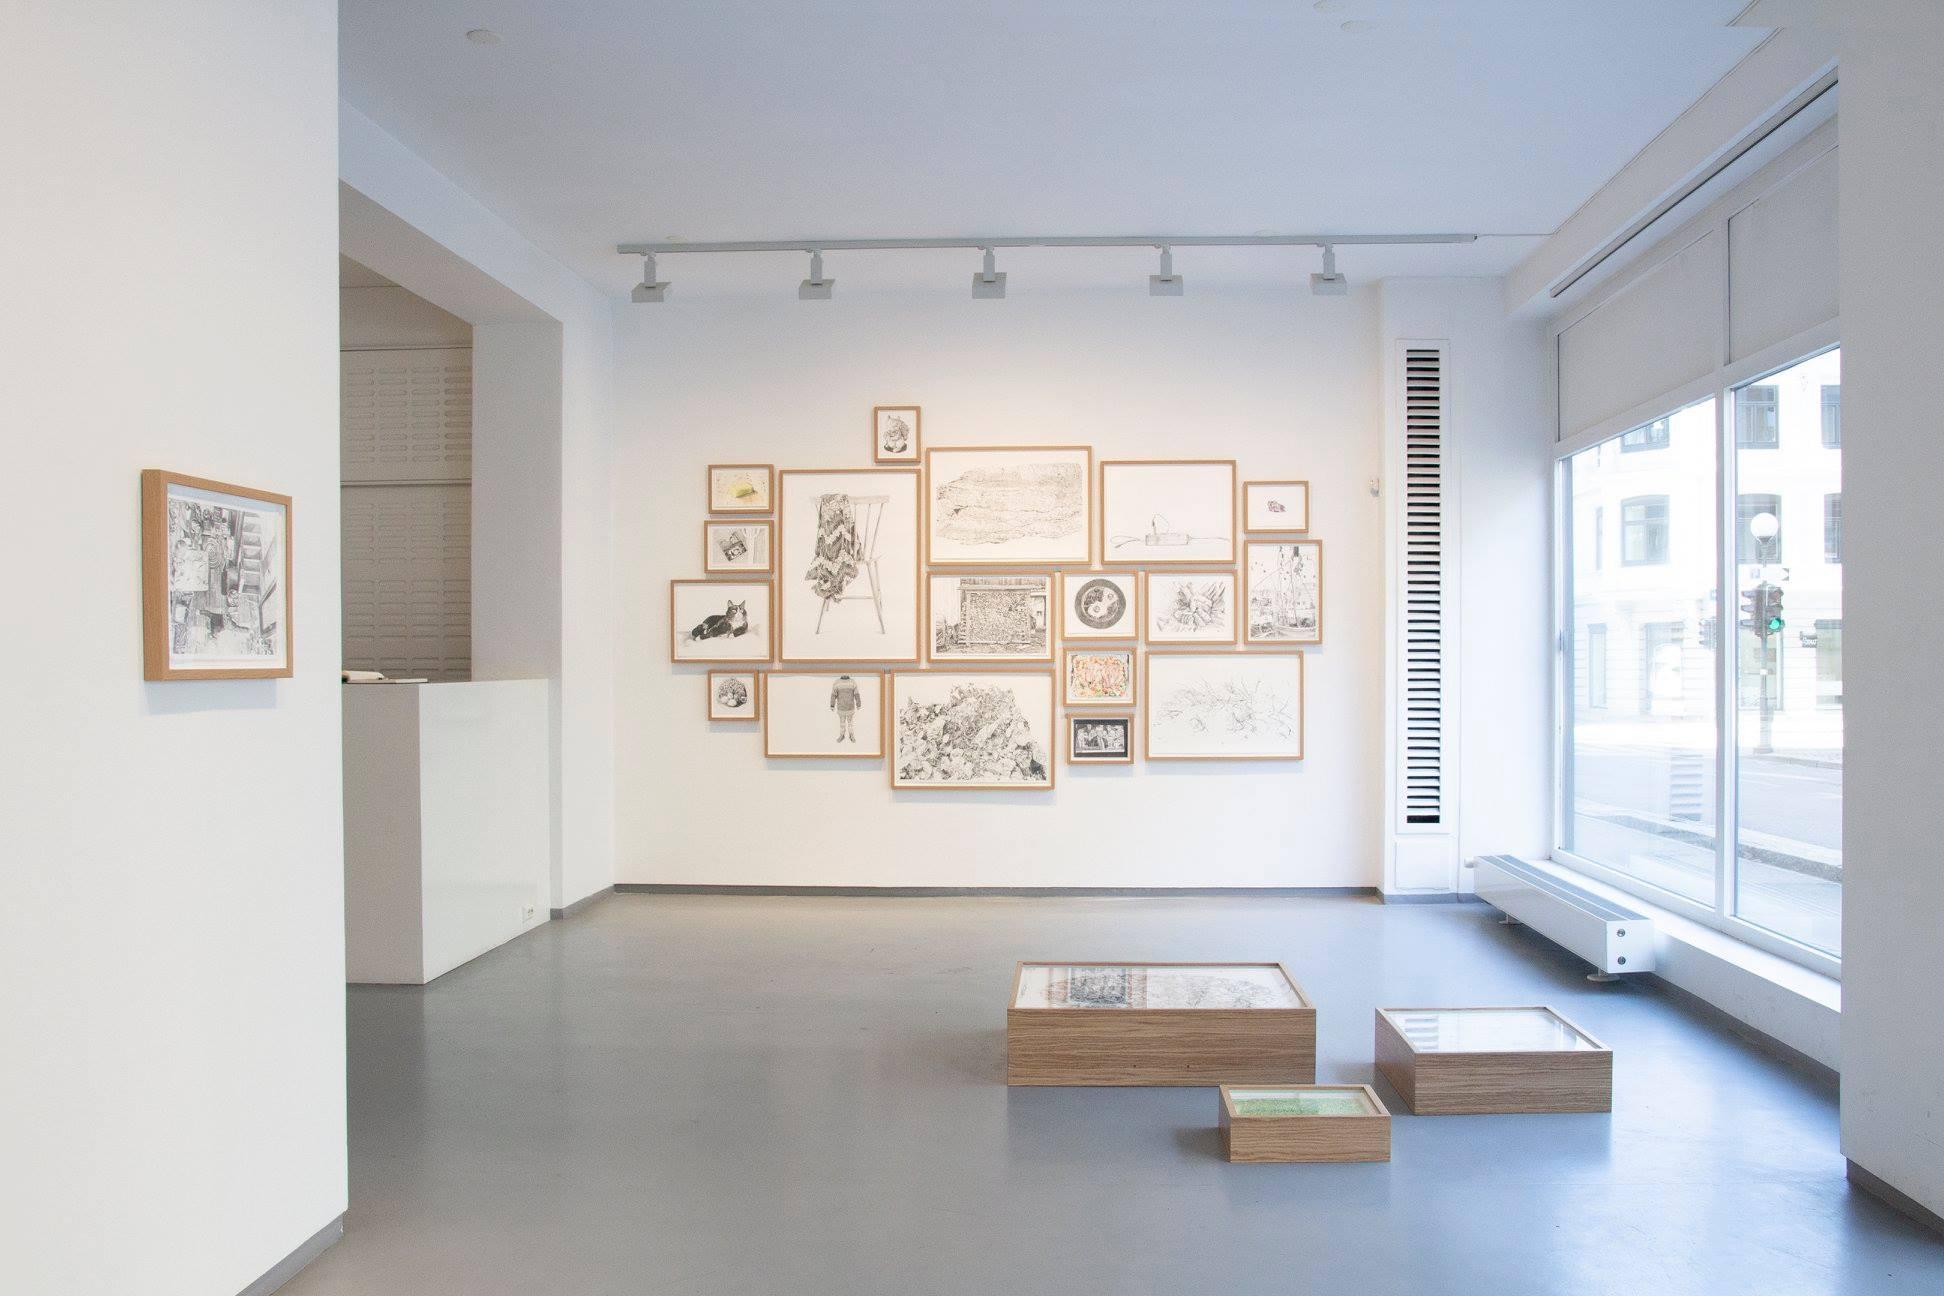 Installasjonsfoto/Installationphoto,  Tilfeldige minner/ Random Memories , Tegnerforbundet, Oslo 2019  Foto: tegnerforbundet